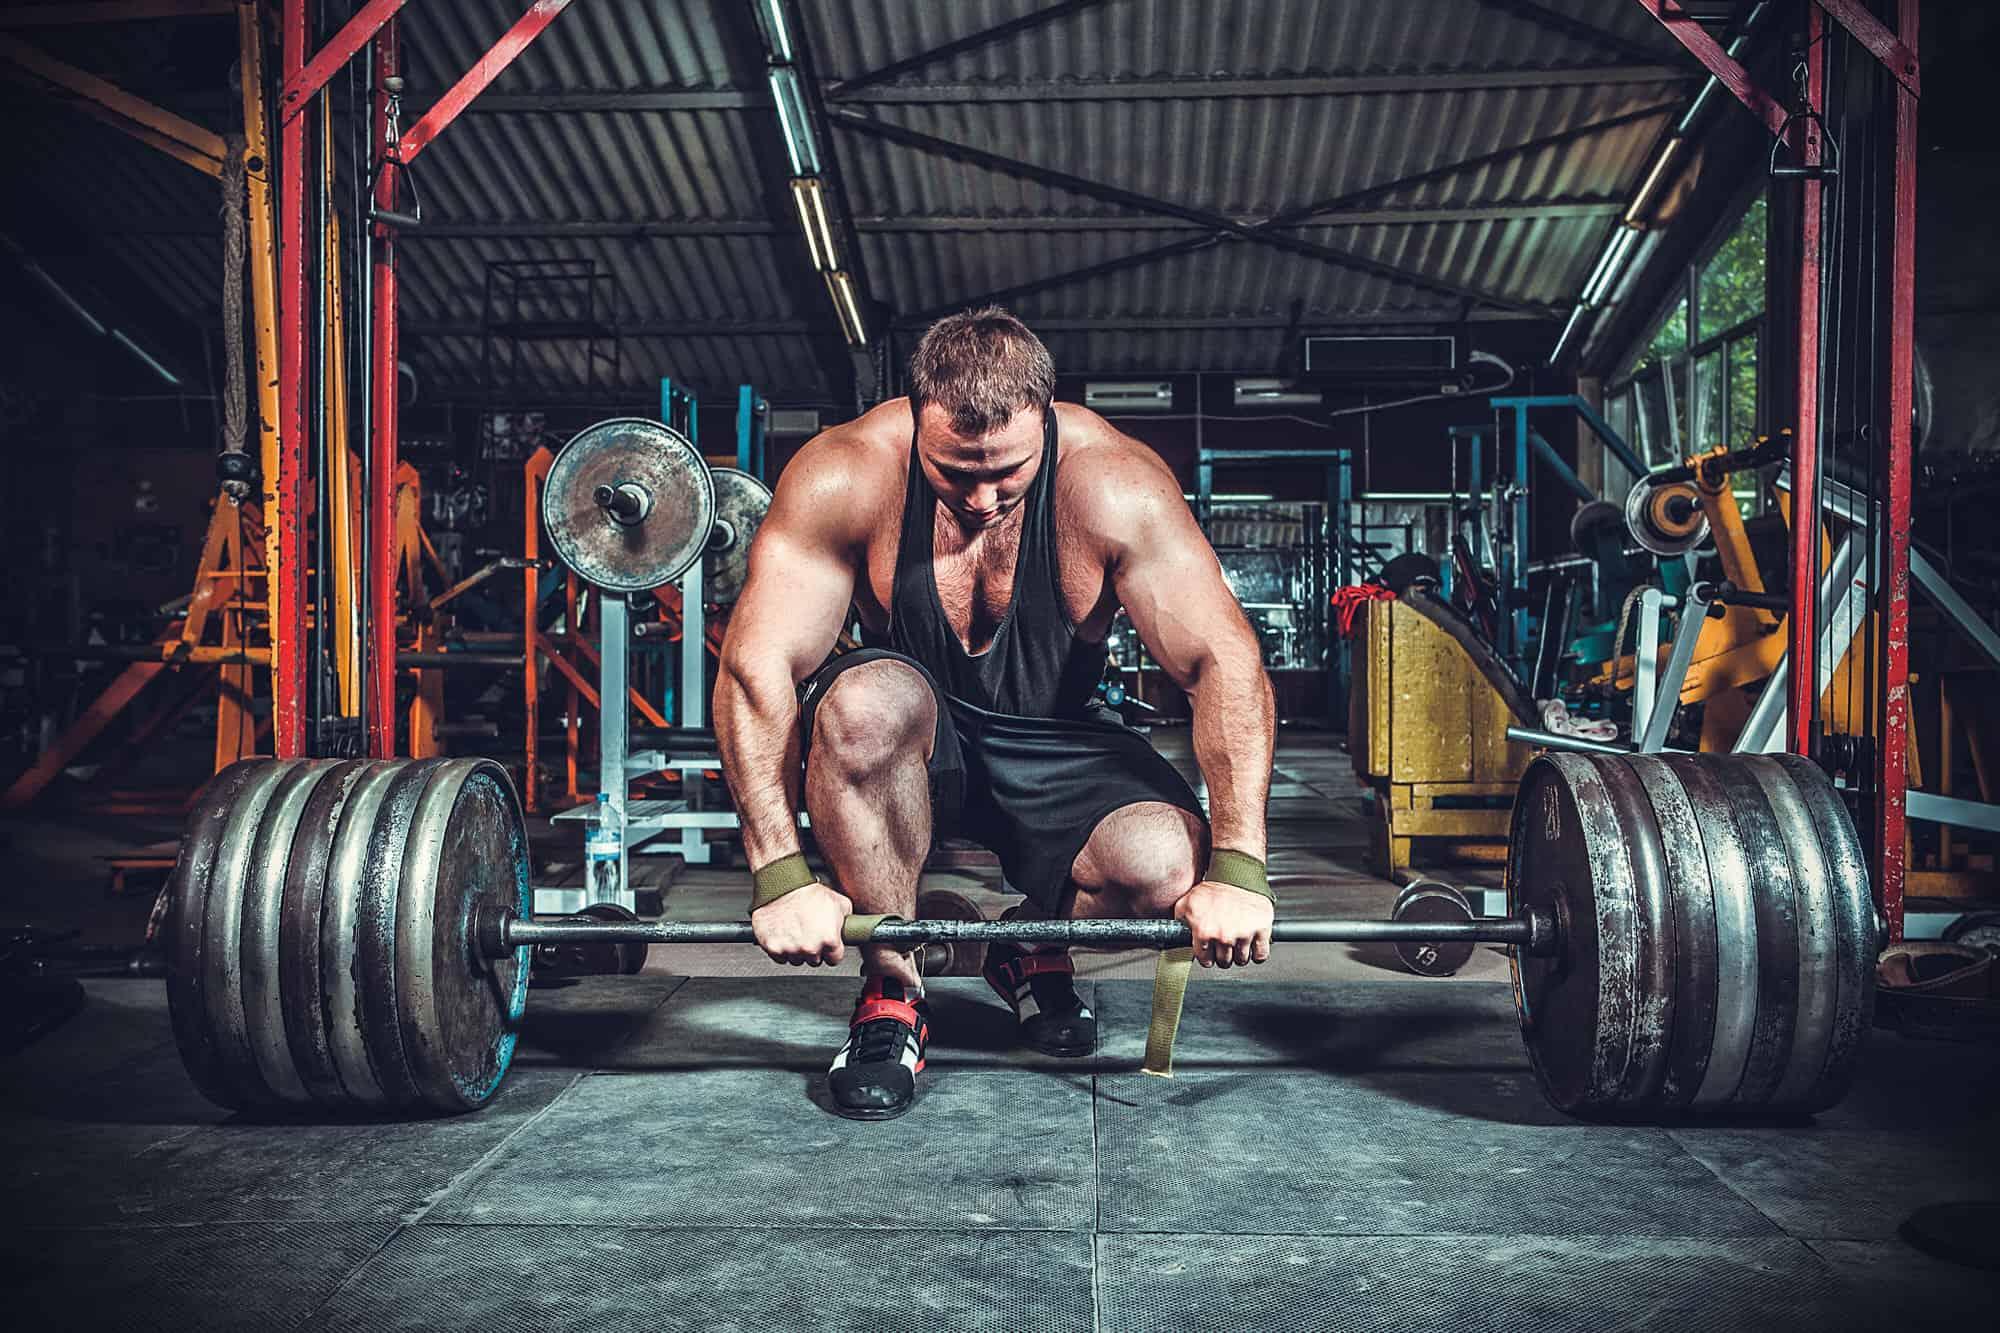 Die 5 wichtigsten Vitamine für Kraftsportler & Bodybuilder